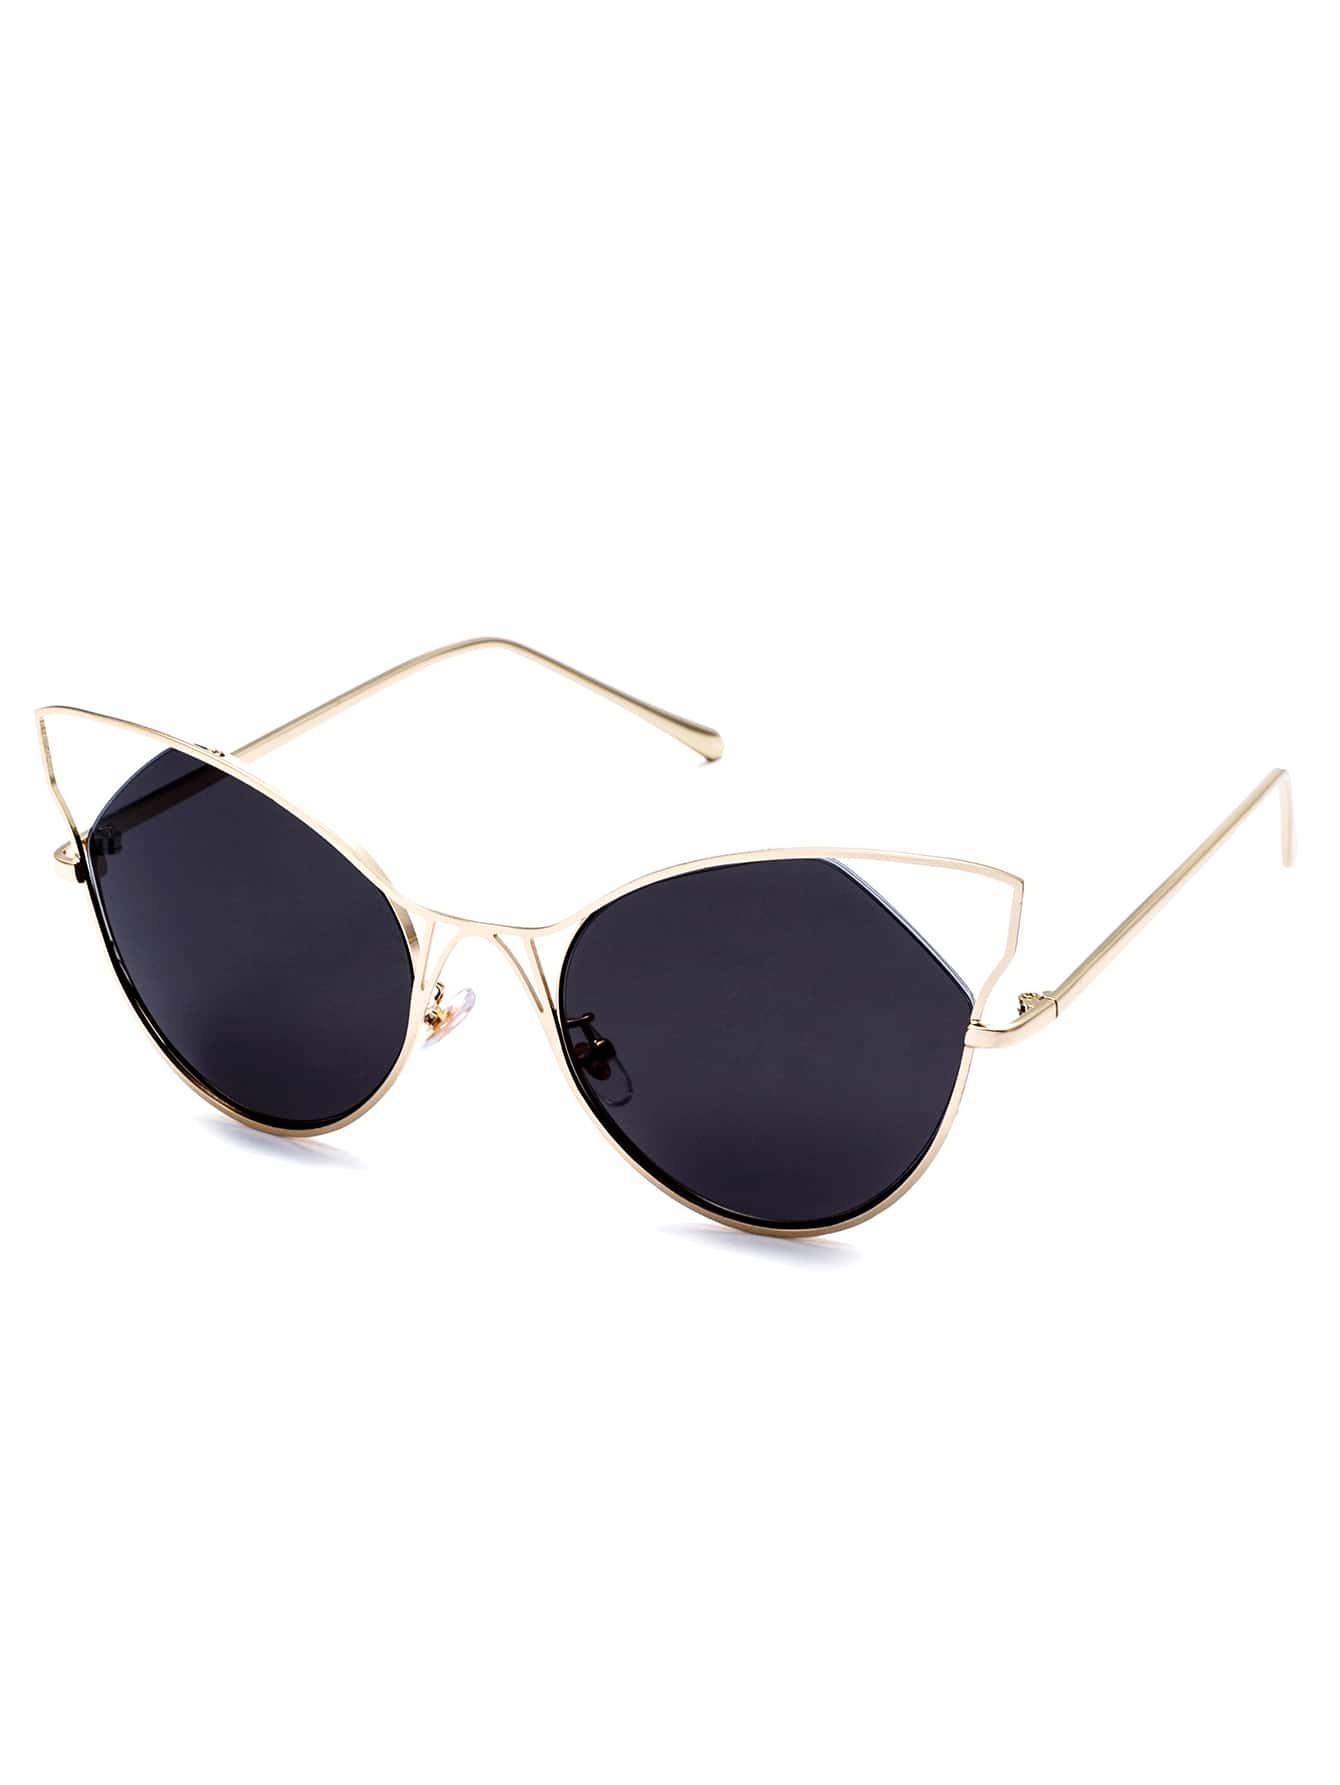 Gold Frame Cat Eye Sunglasses : Gold Frame Black Cat Eye Sunglasses